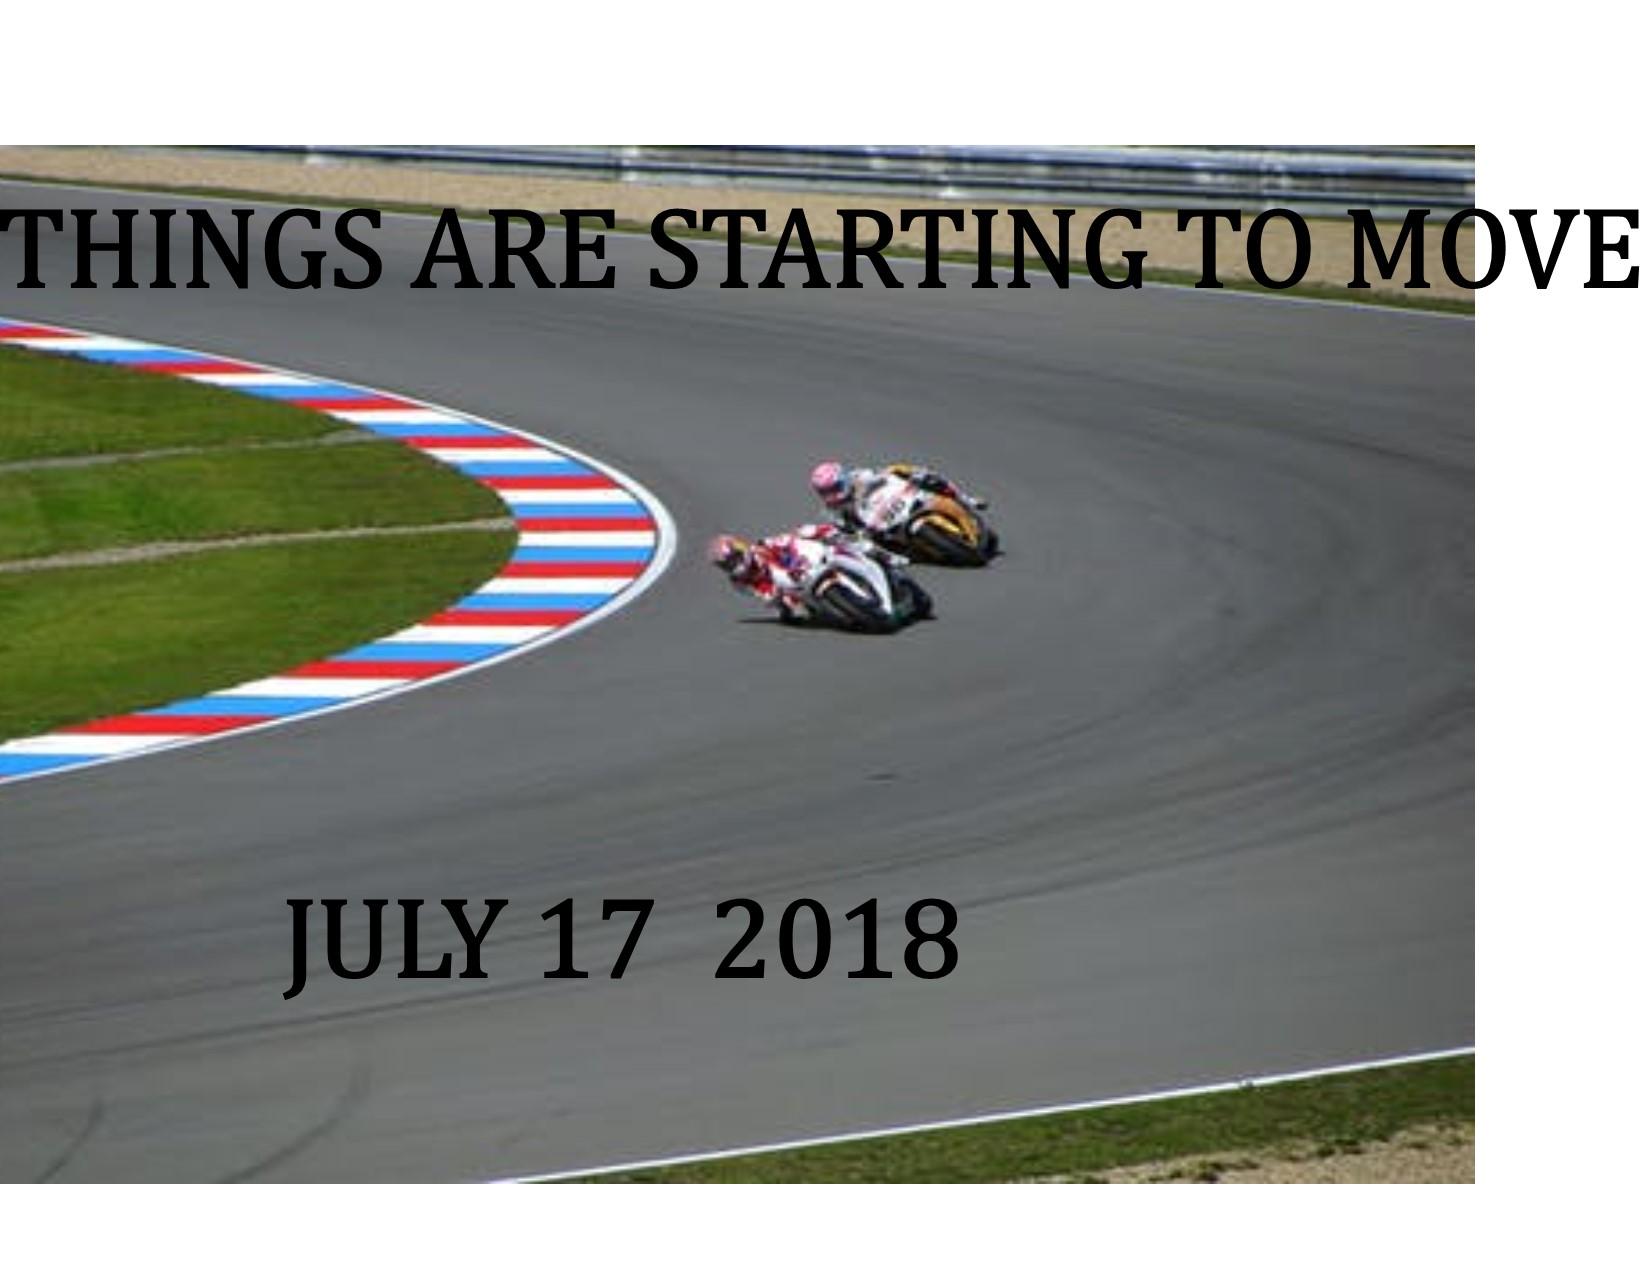 JULY 2018 UPDATE 7-17-18 PEG